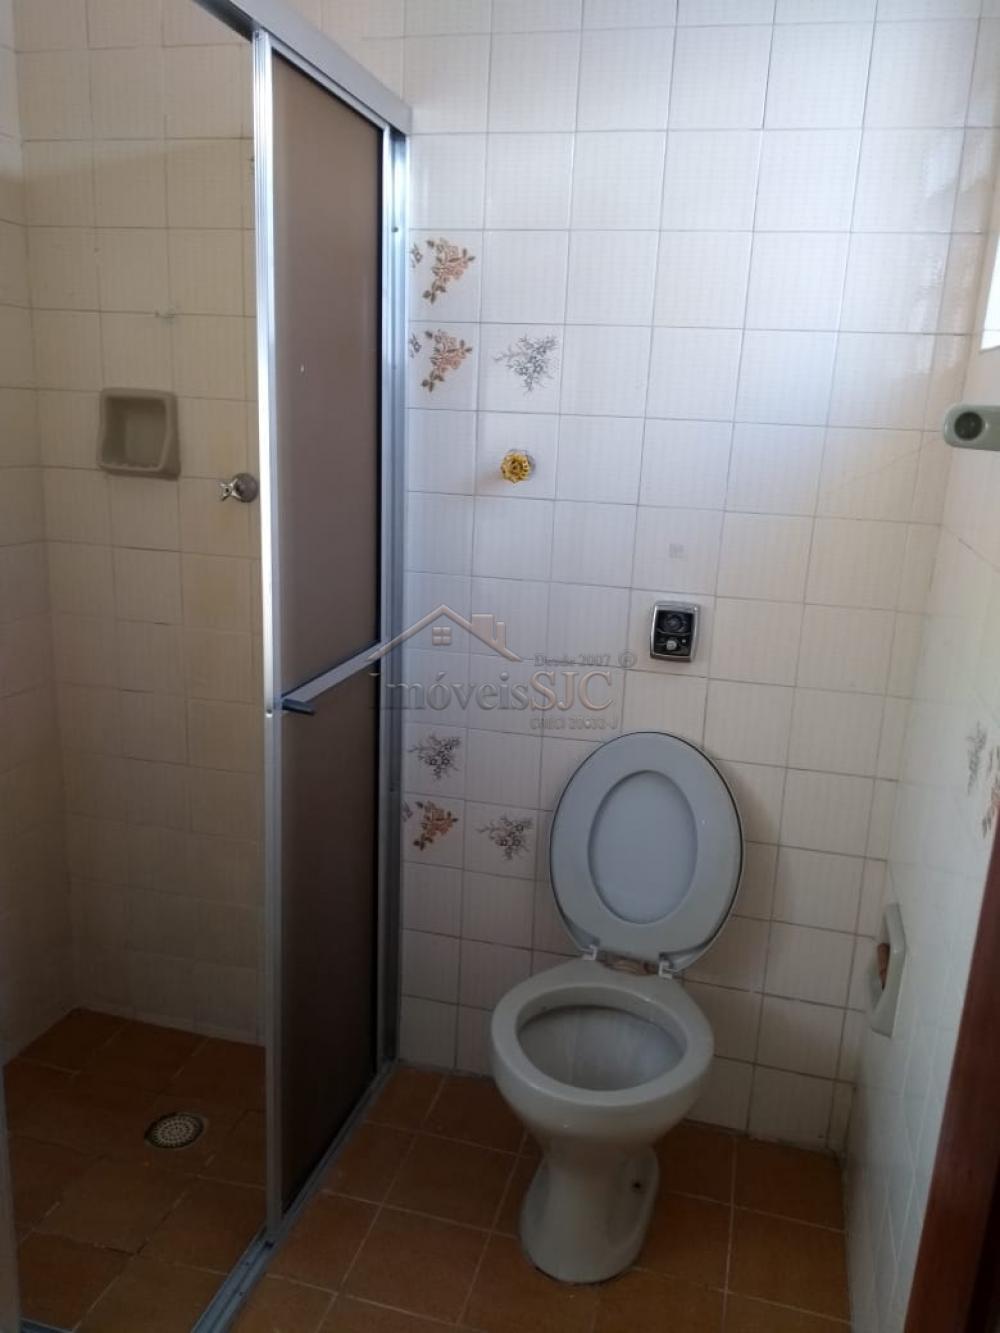 Alugar Casas / Padrão em São José dos Campos apenas R$ 1.800,00 - Foto 16